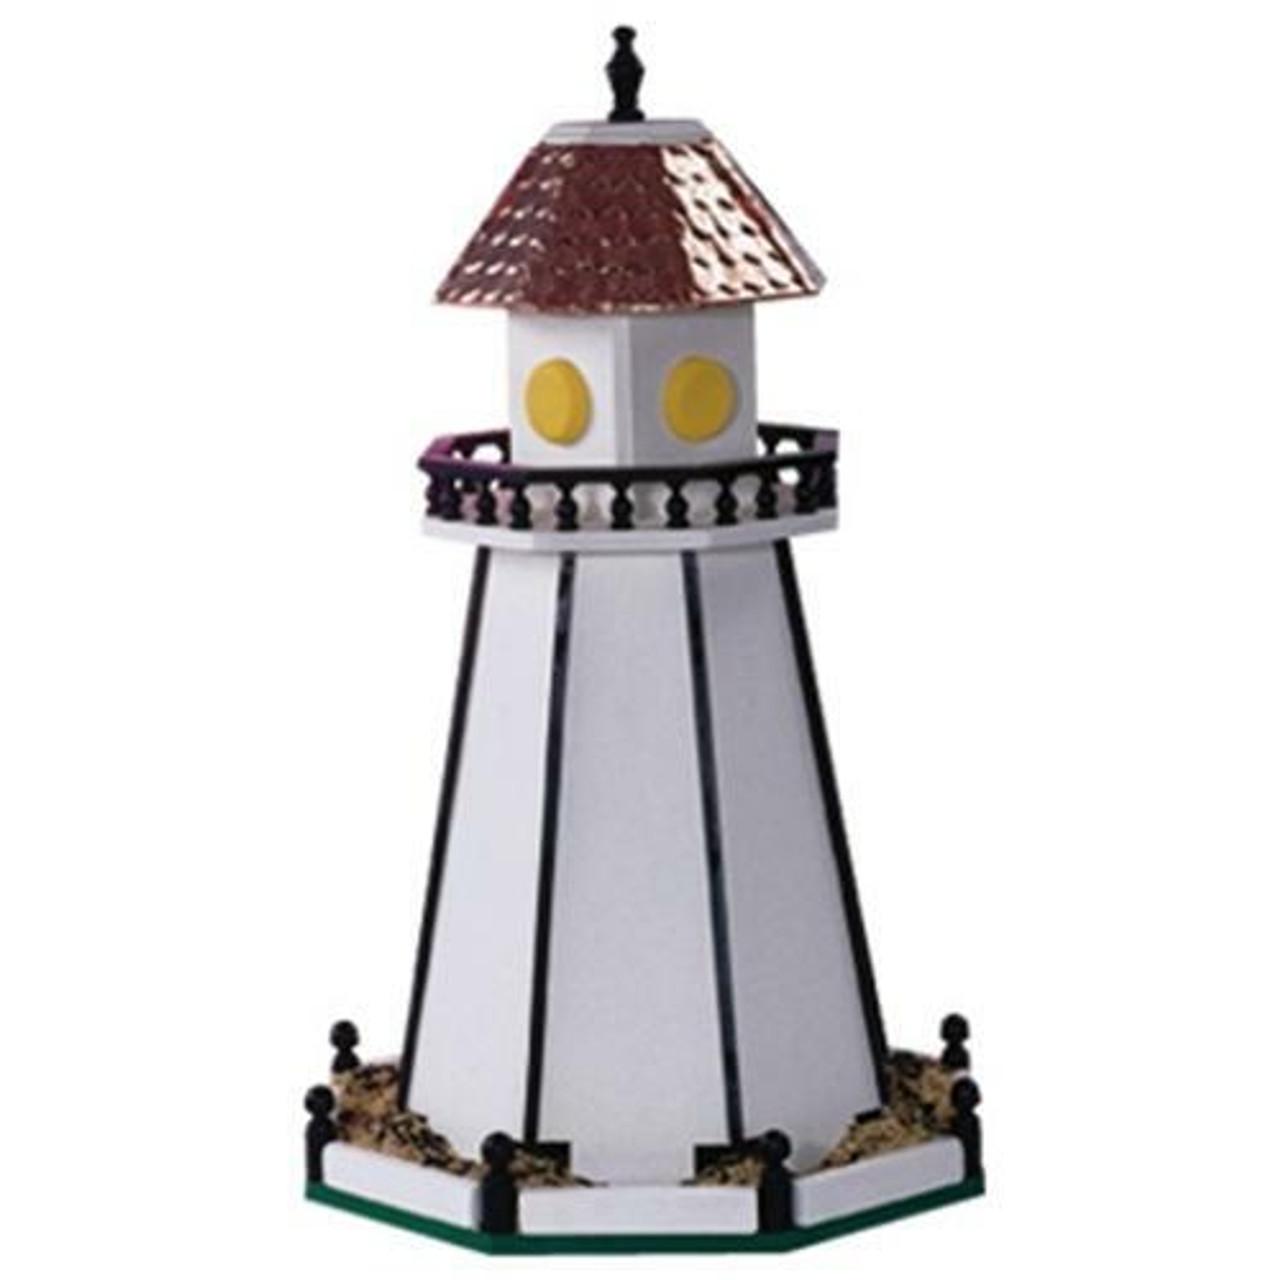 Cherry Tree Toys Lighthouse Feeder Plan